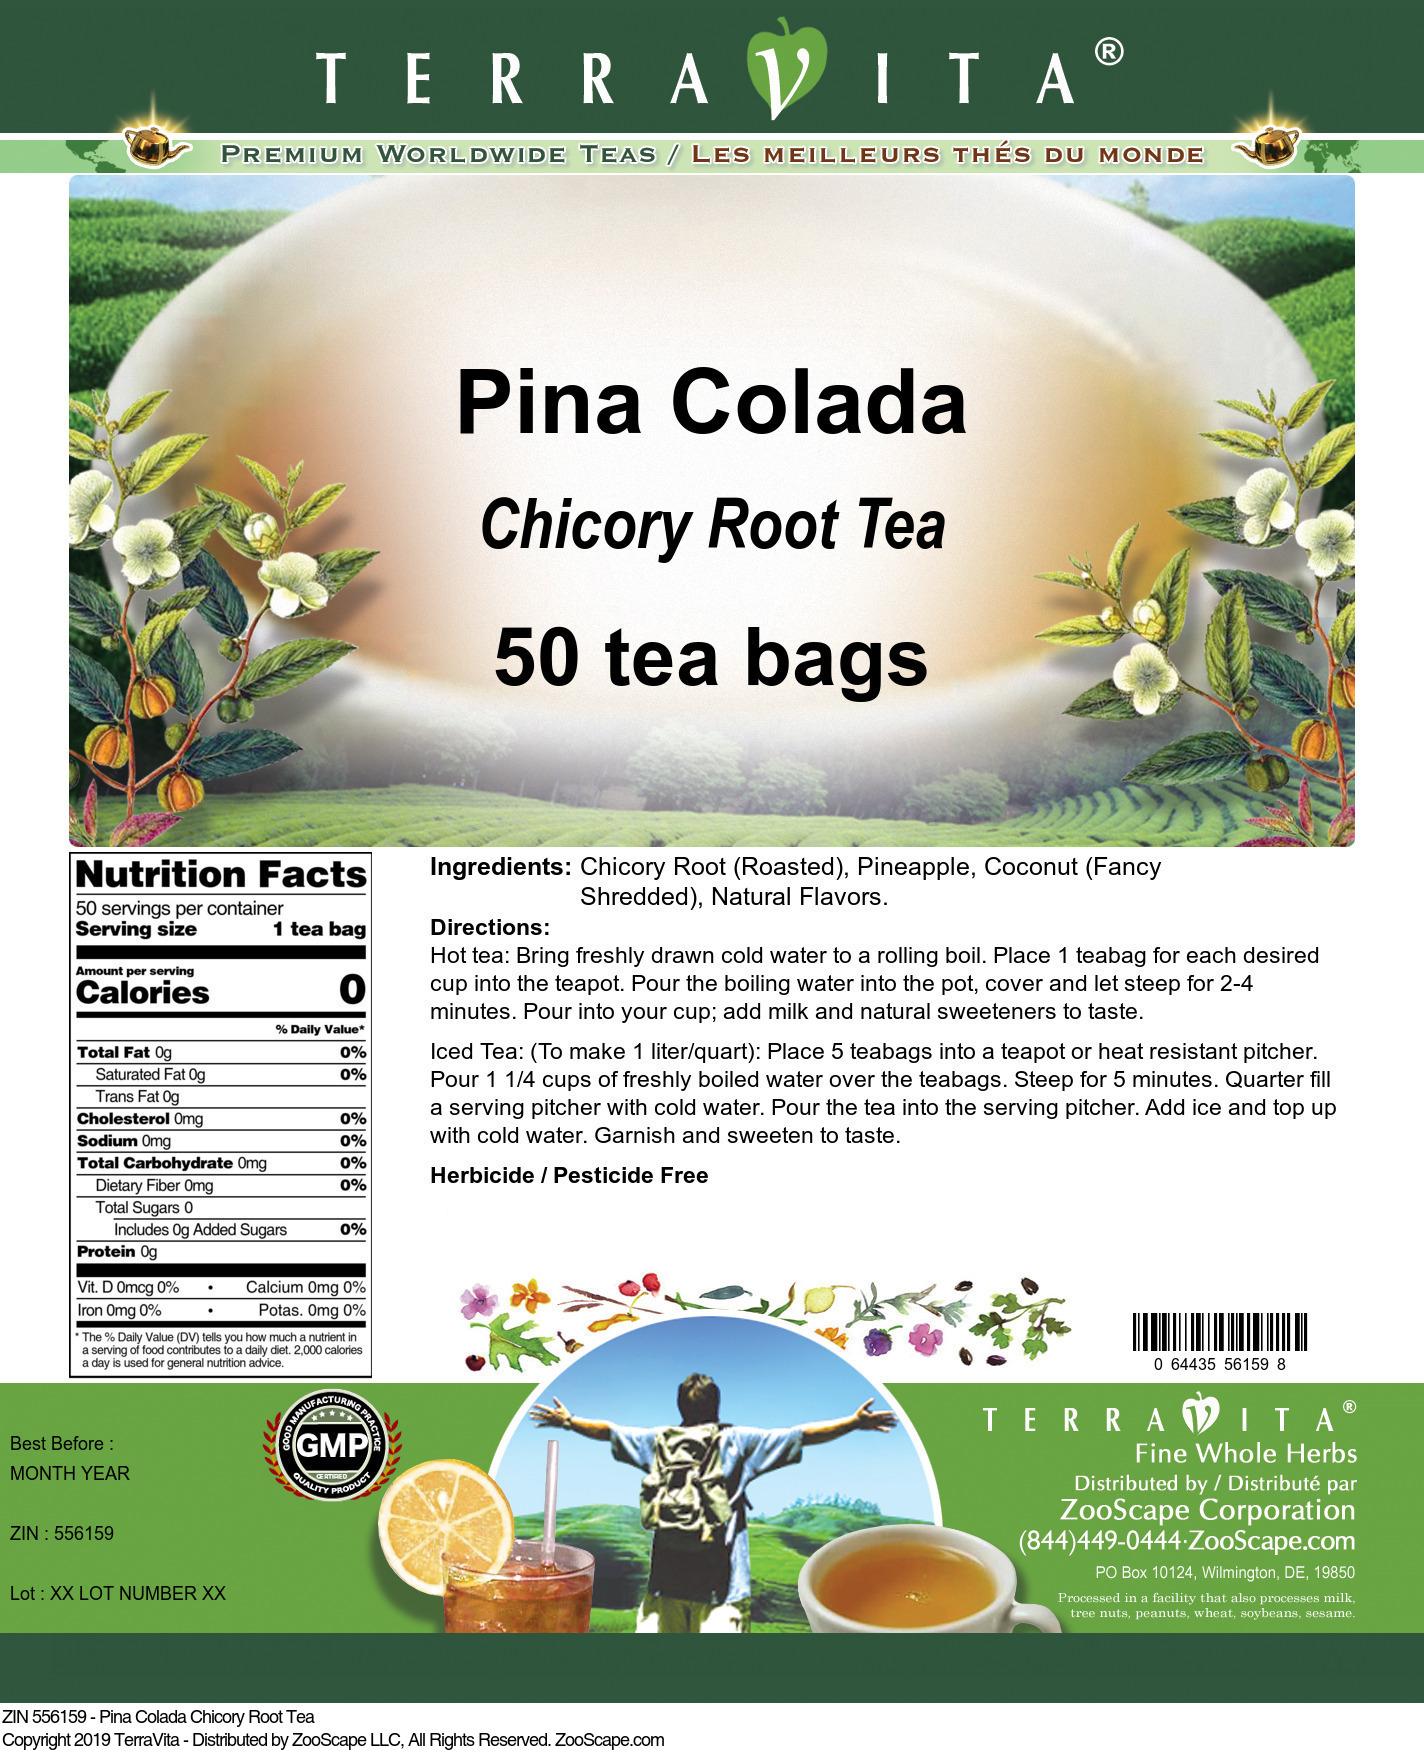 Pina Colada Chicory Root